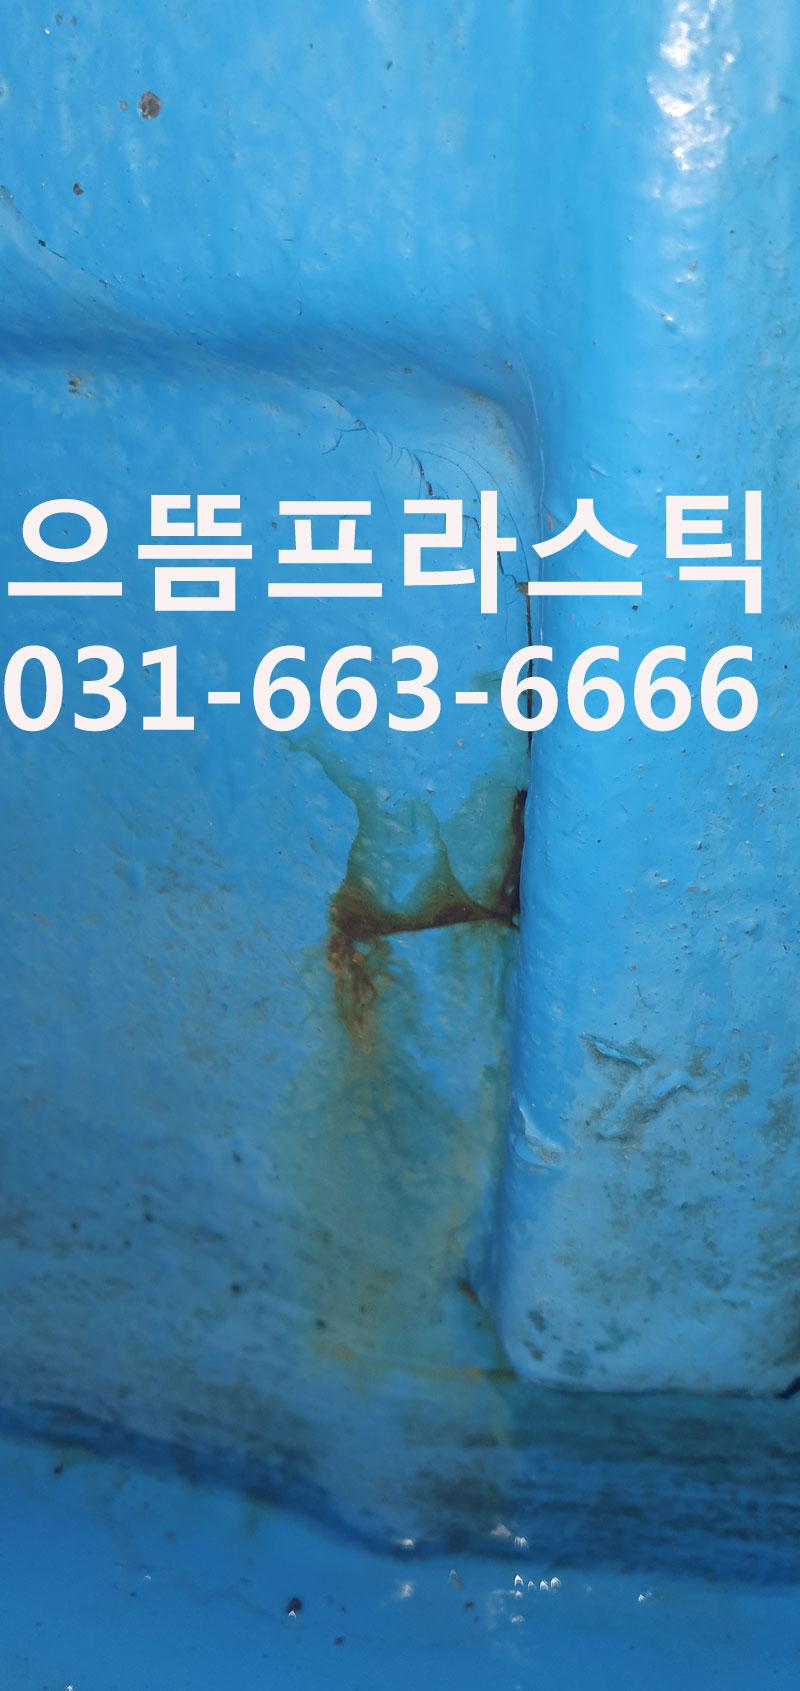 2796bcda83f5a0eee4326d8219629263_1630908550_4164.jpg